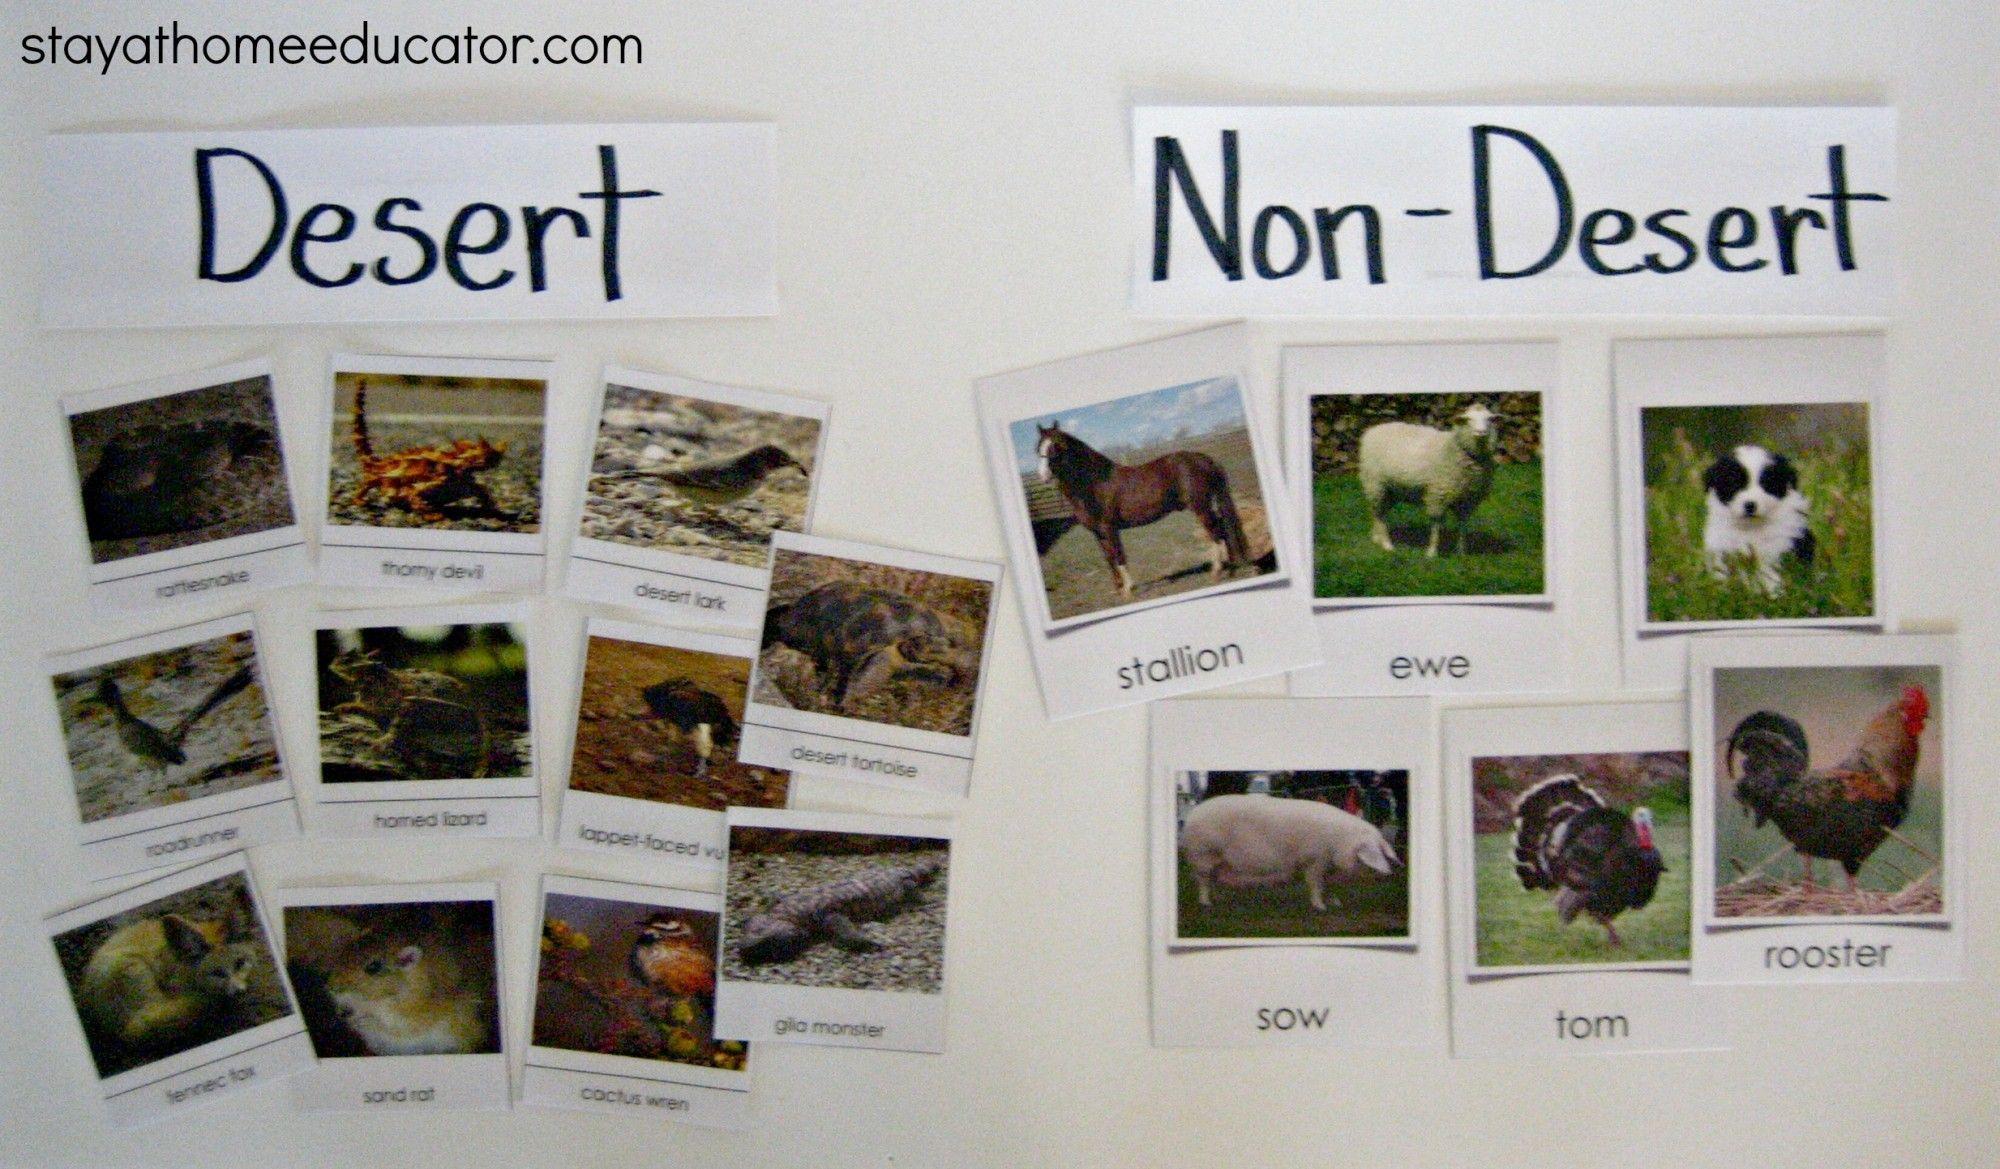 Desert Vs Non Desert Animal Sort